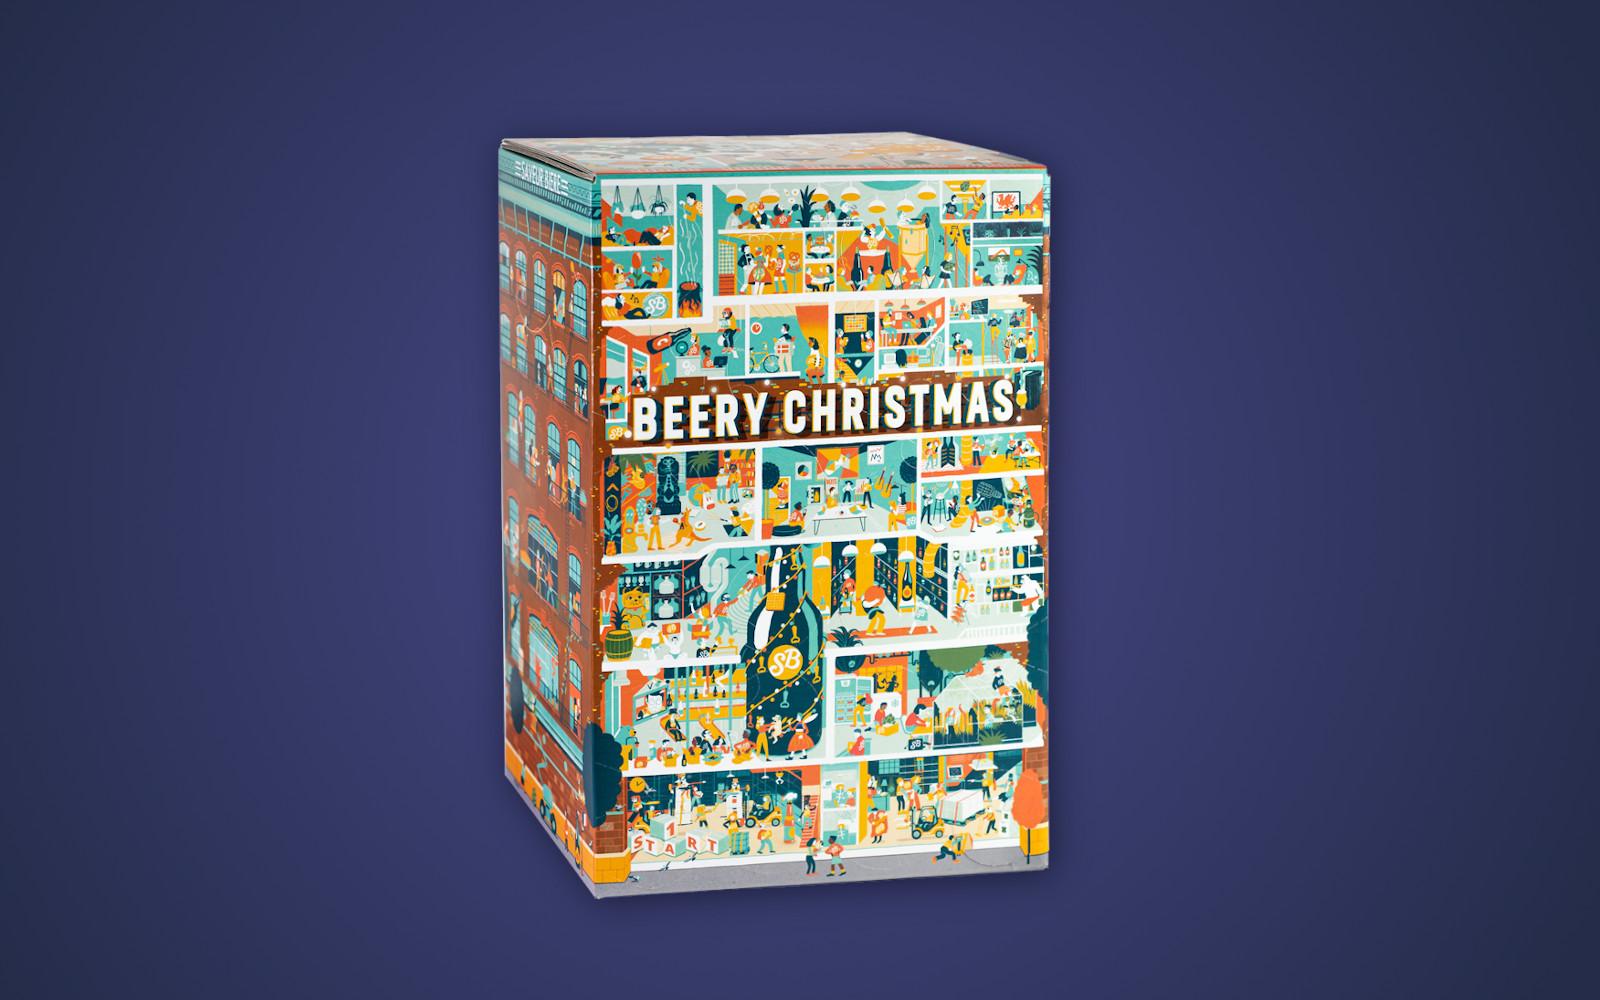 Met deze bier adventskalenders van 2019 pils je af tot de Kerst Beery Christmas